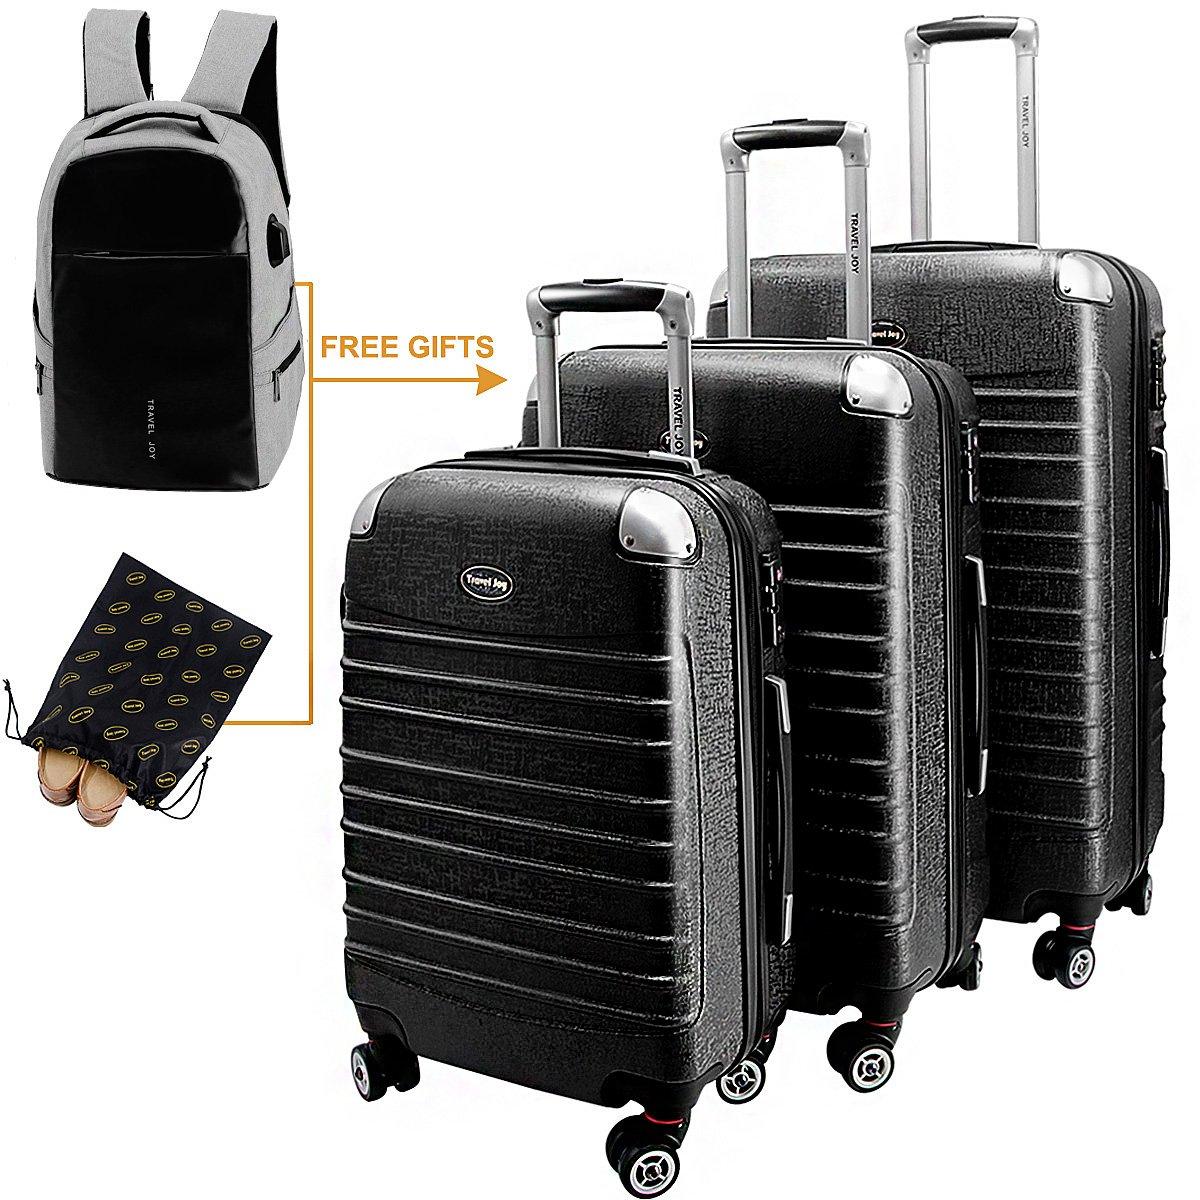 Hardside Luggage Set Hardside Spinner Luggage Hard Shell Suitcase Set TSA Luggage Carry On Luggage 3 Pieces (20'' 24'' 28'')Black